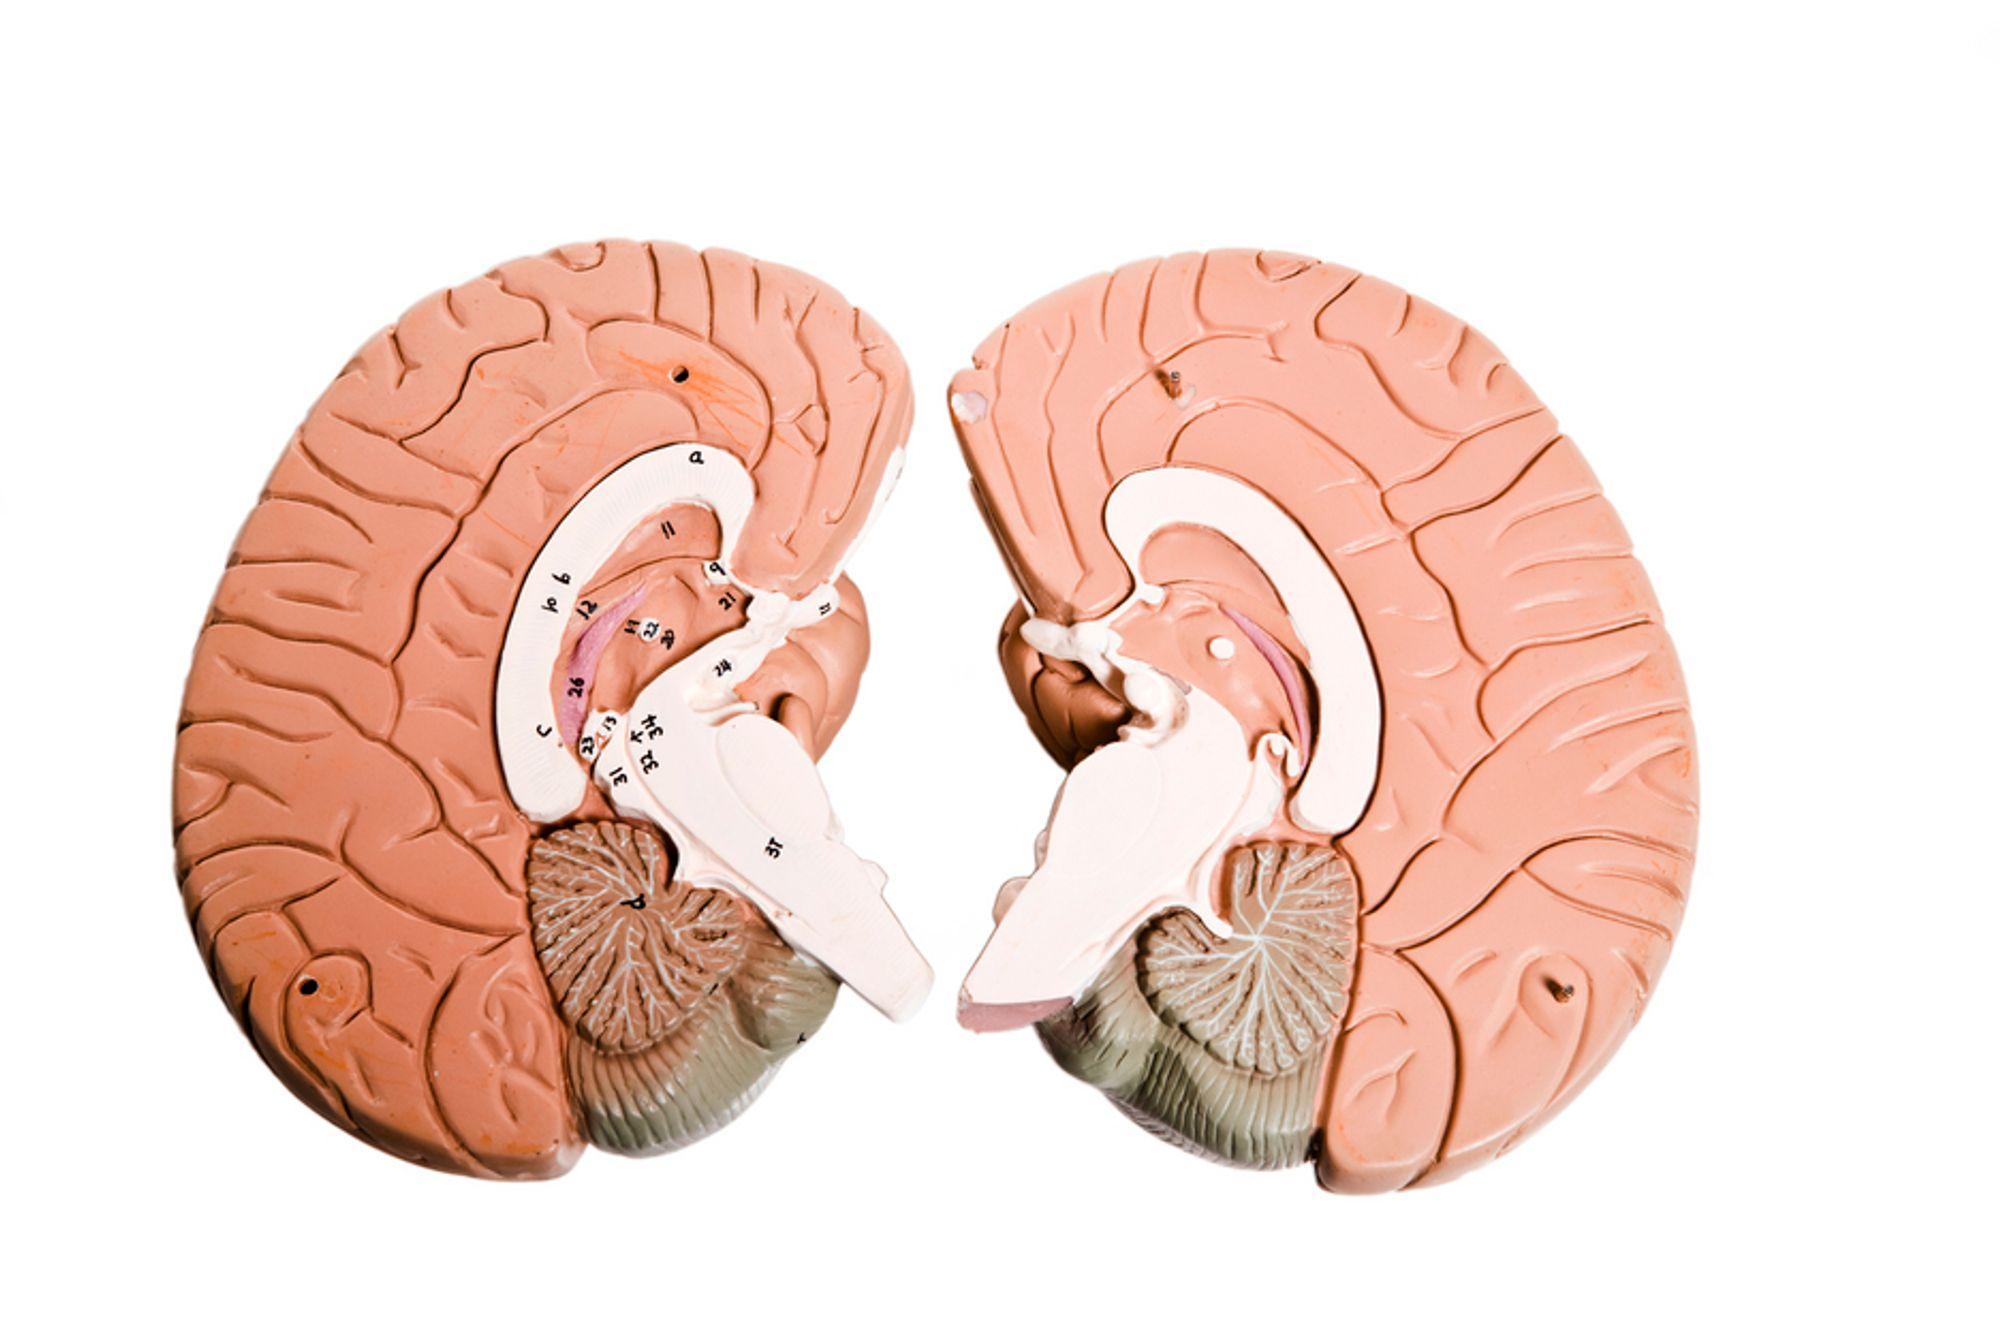 """Hjernen til Henry Molaison skal skjæres i 2500 tynne skiver, som så skal settes sammen til et """"digitalt hjerneatlas"""", komplett med delene som ble skåret ut i 1953."""